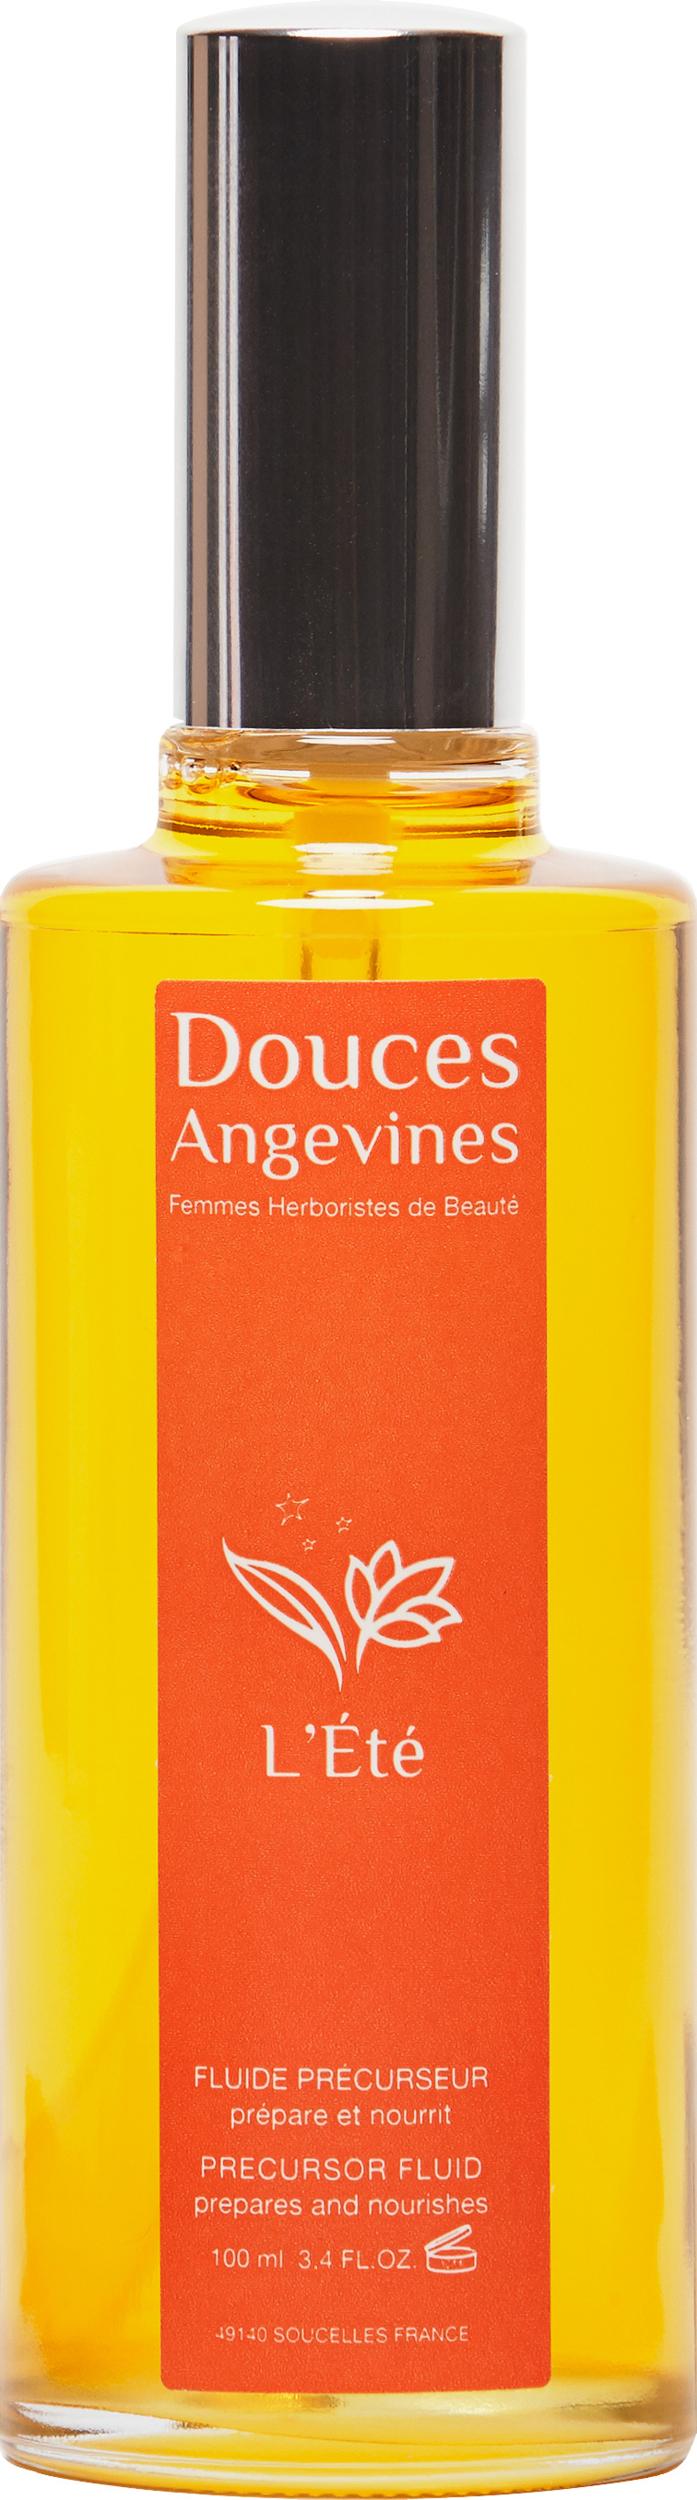 Doux Good - Douces Angevines, Ete, fluide préparateur de la peau au soleil